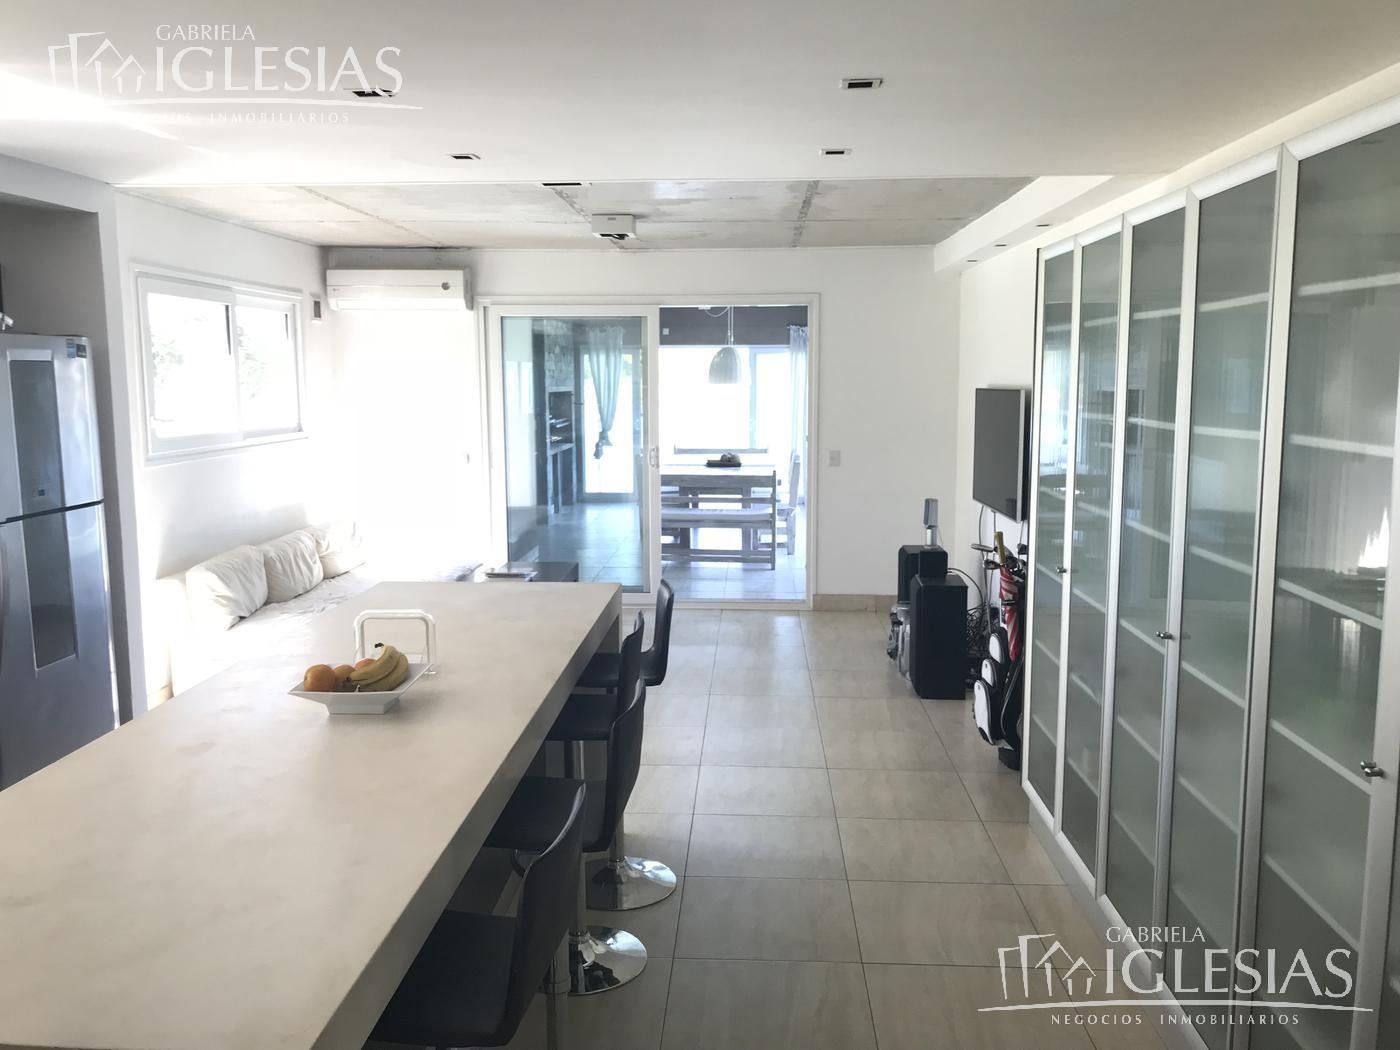 Casa en Venta Alquiler en El Golf a Venta - u$s 2.200.000 Alquiler - u$s 12.000